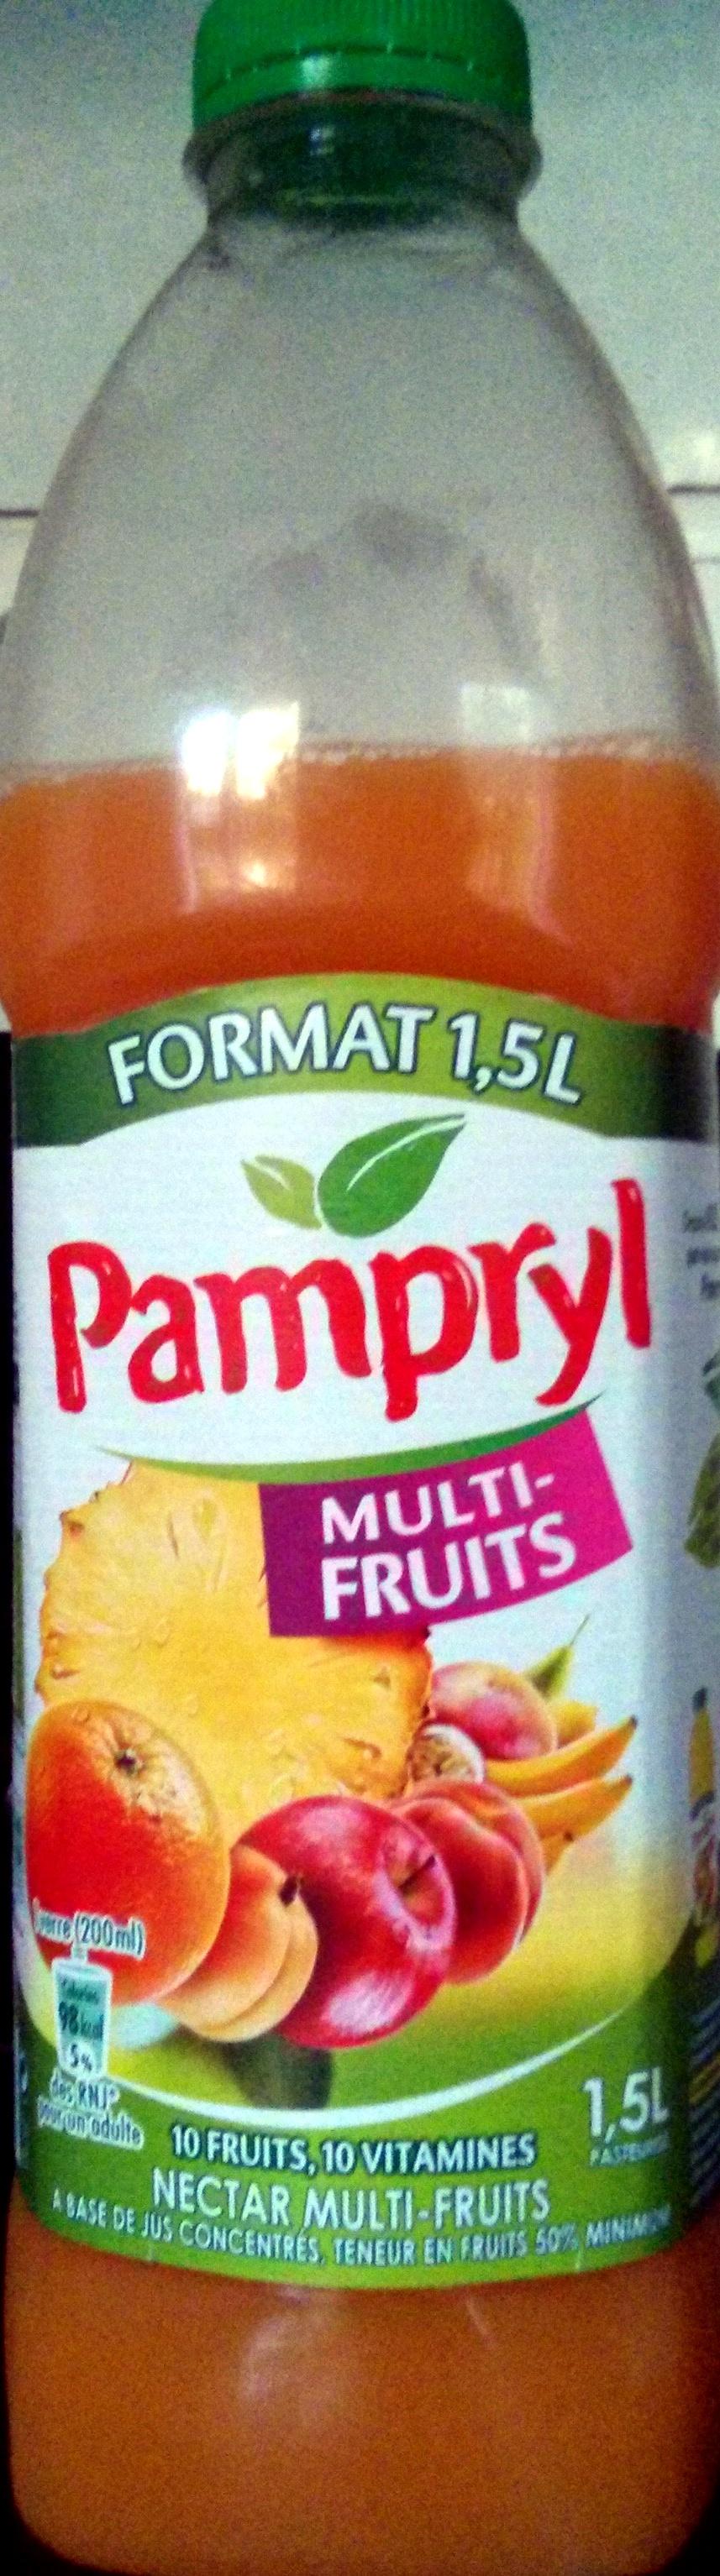 Nectar multi-fruits - Product